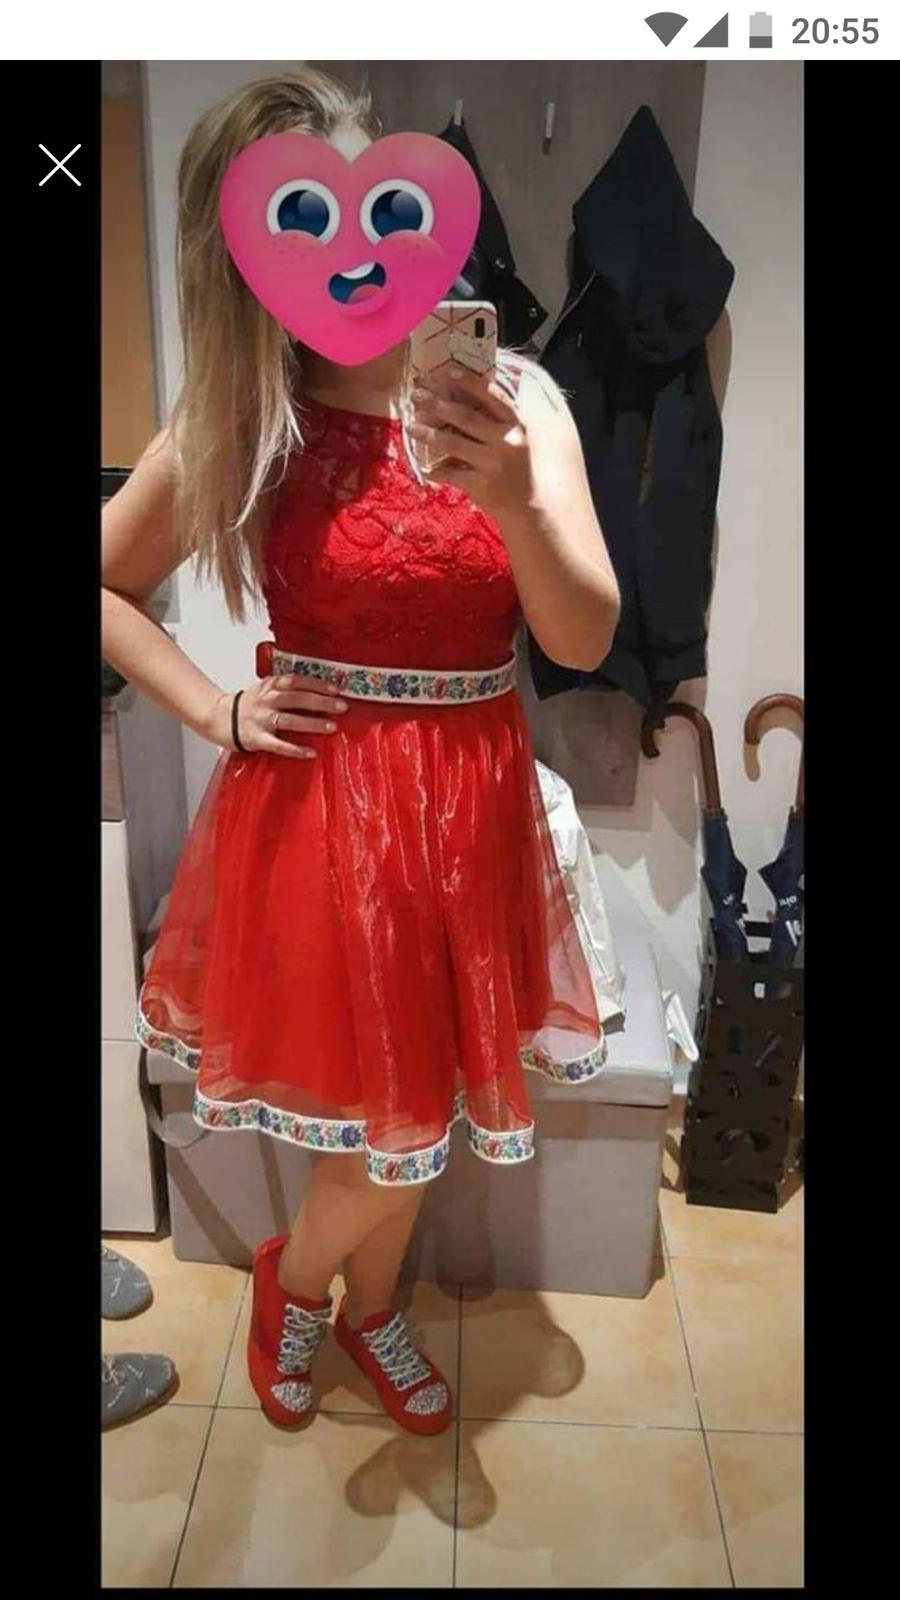 šaty na redovy/popolnocne saty - Obrázok č. 1